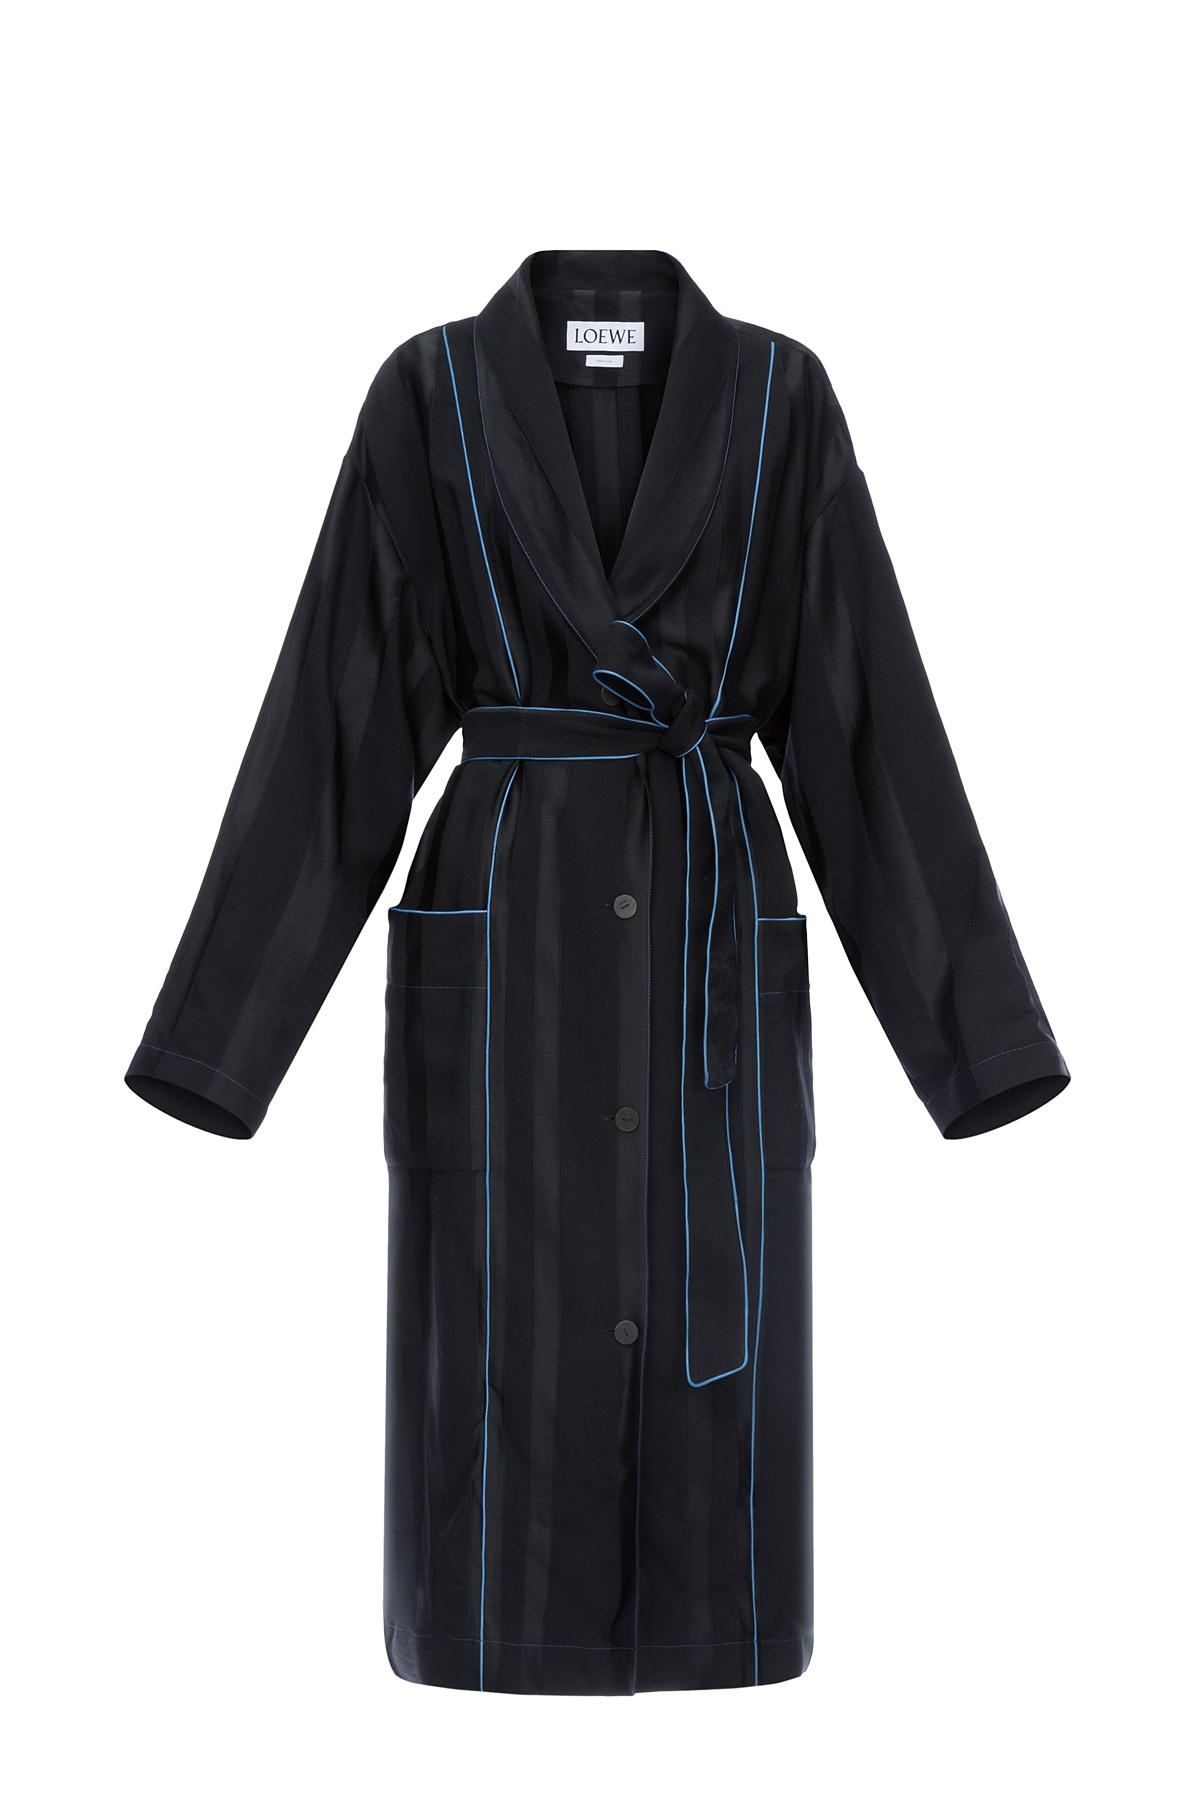 LOEWE Duster Coat Negro/Azul front